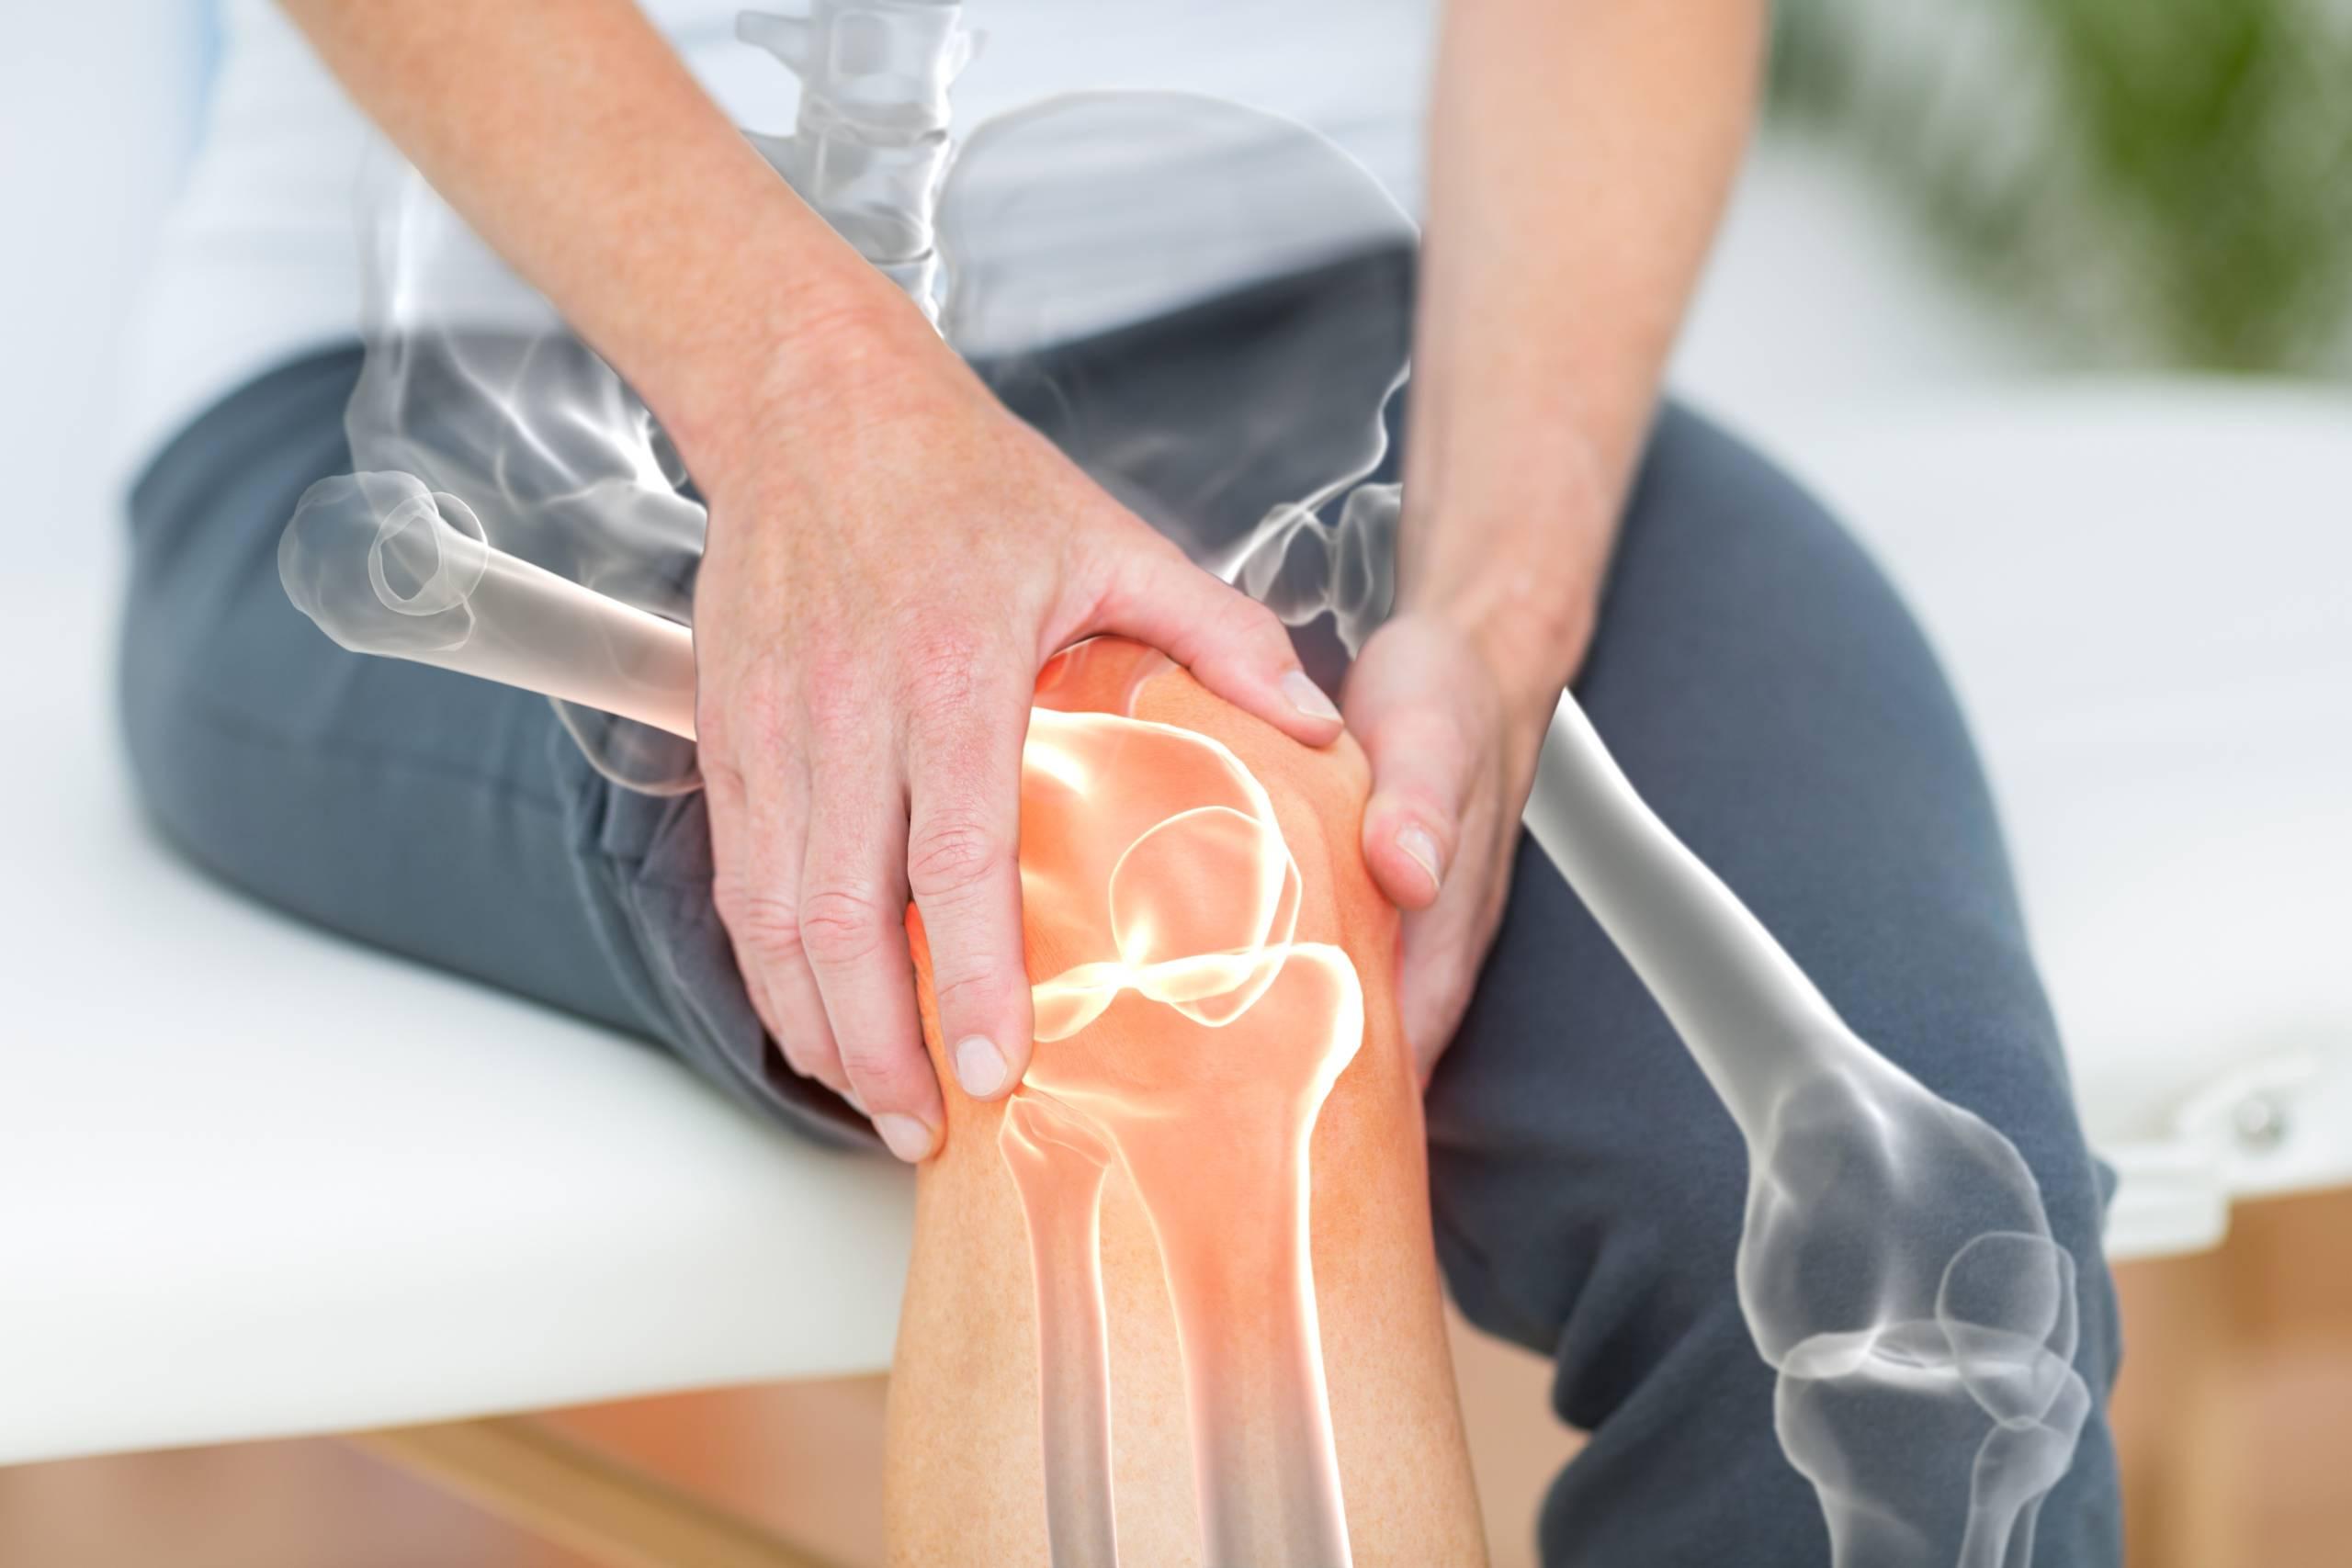 mężczyzna z bólem stawu kolanowego